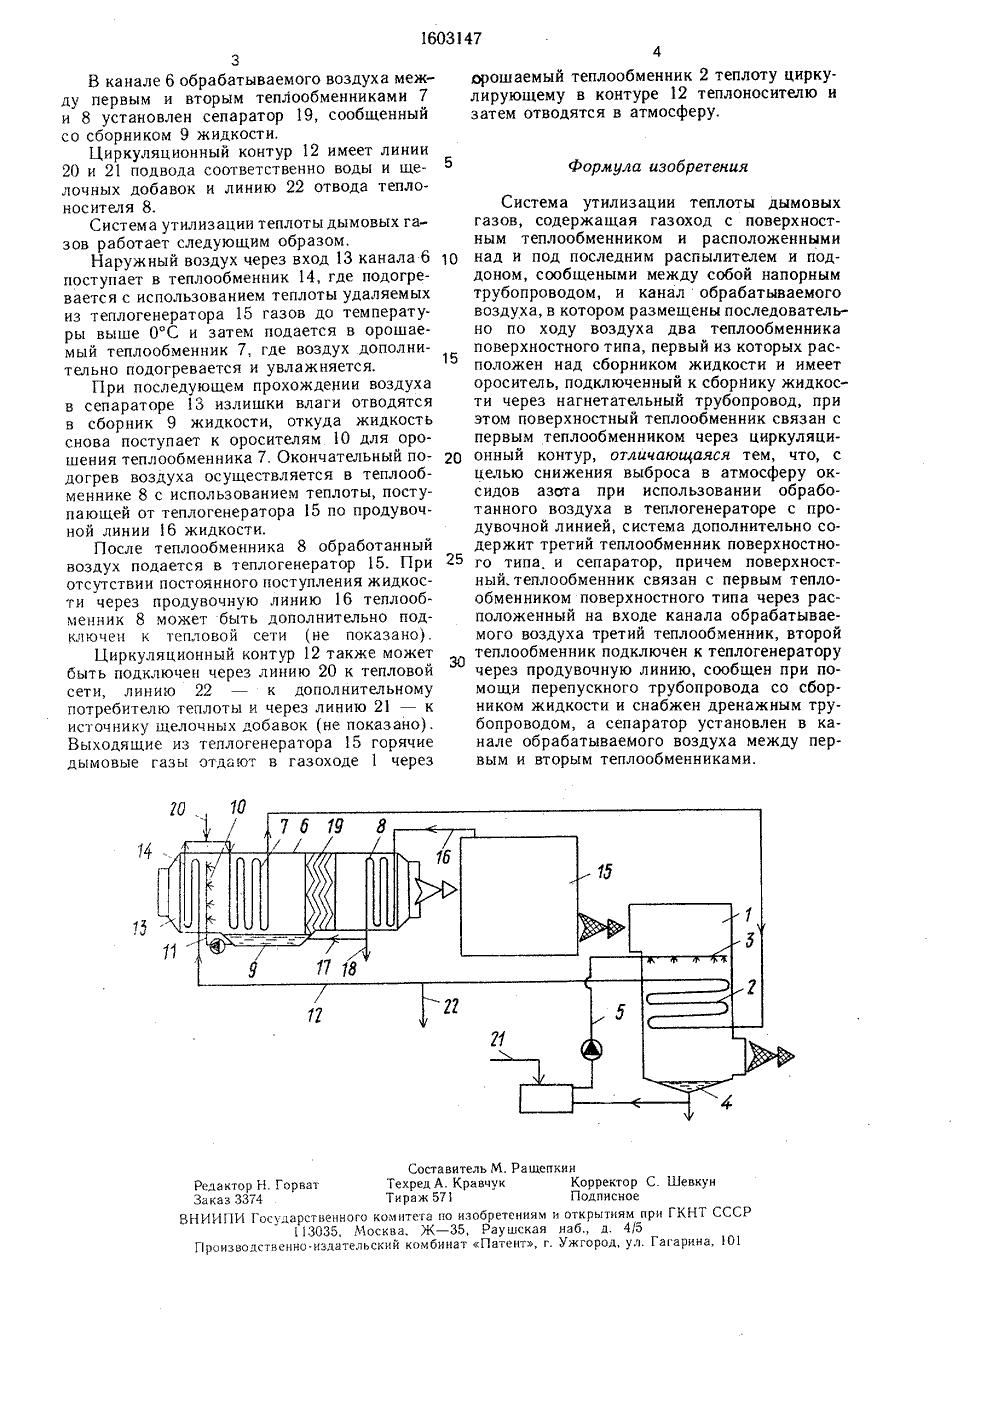 Теплообменник для утилизации тепла дымовых газов теплообменник пластинчатый тиж фото